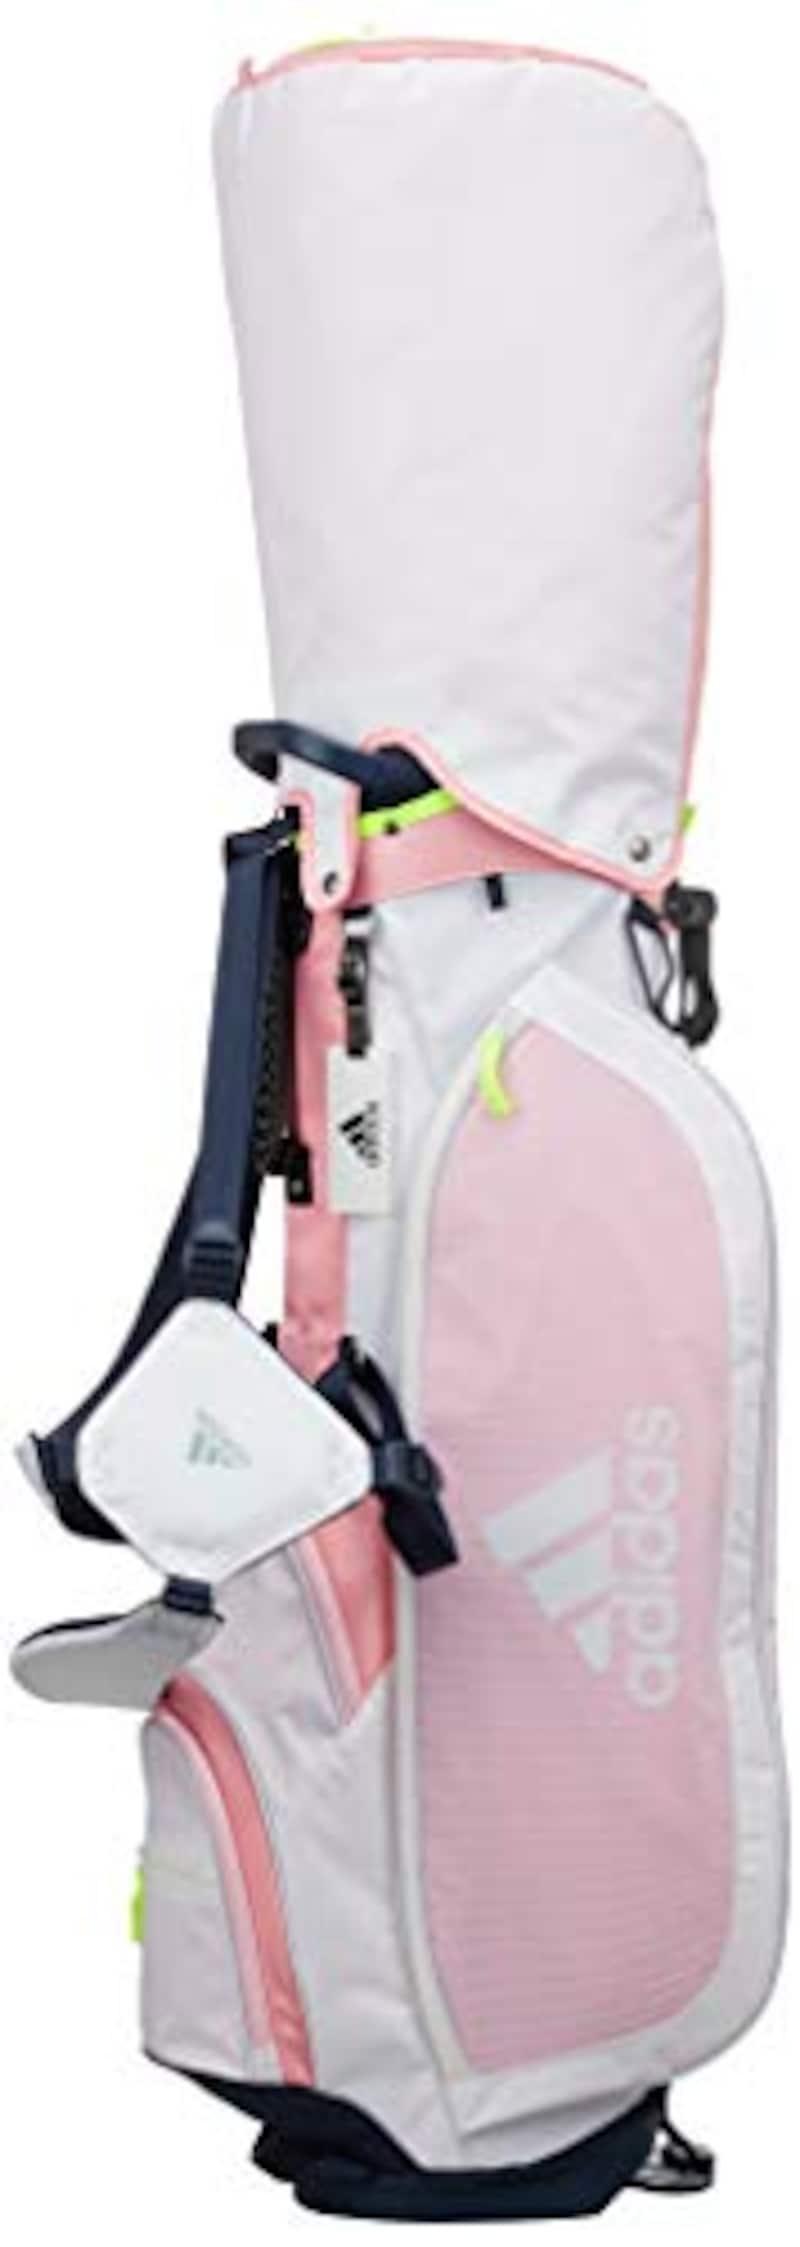 adidas Golf(アディダスゴルフ),レディースキャディバッグ